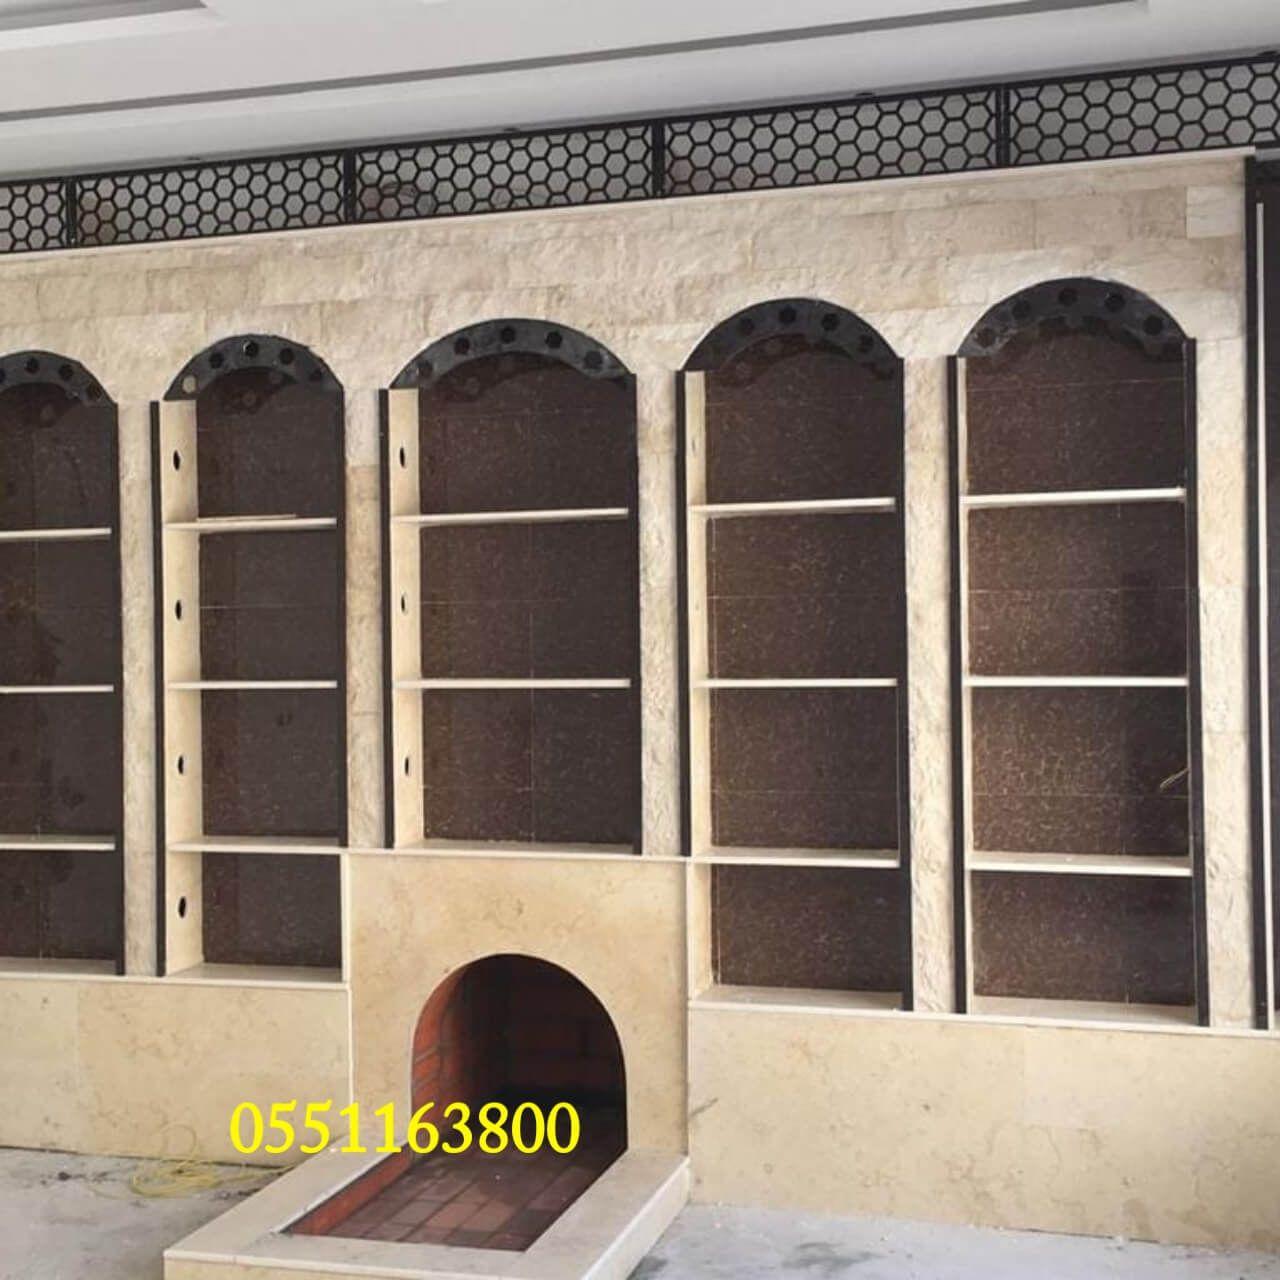 ديكورات مشبات مودرن Shelving Unit Decor Home Decor